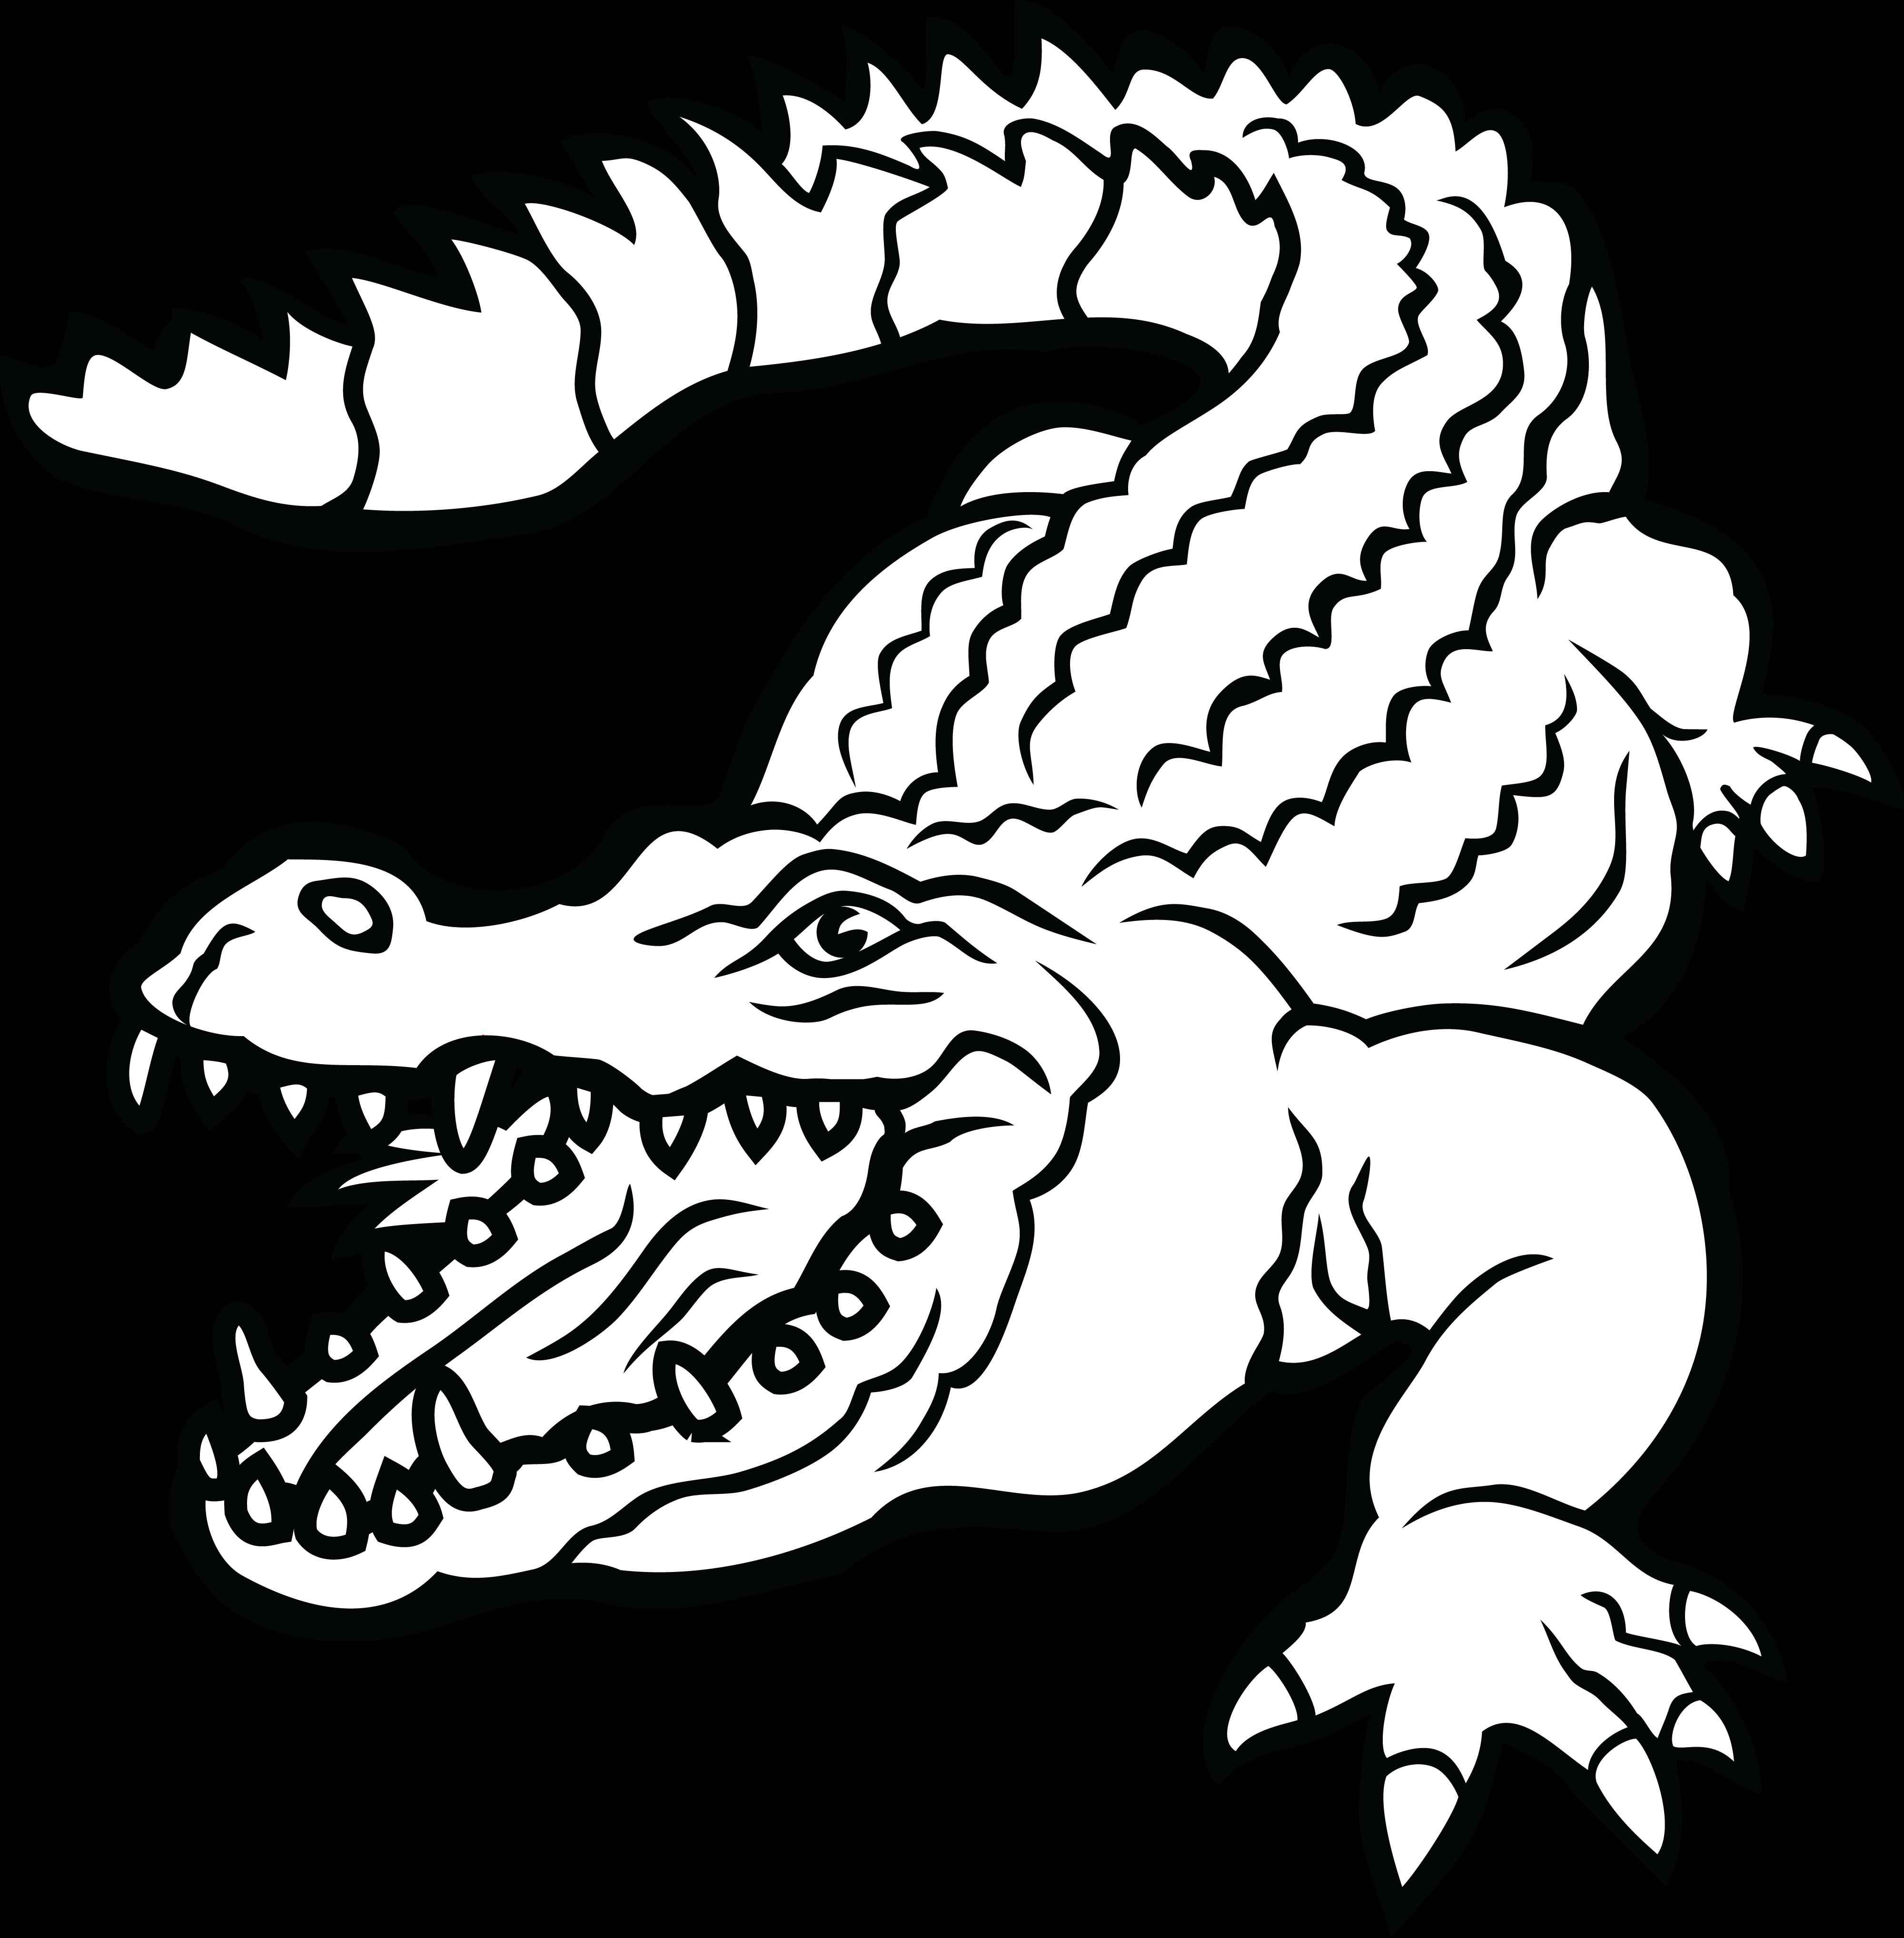 free clipart of a crocodile rh free clipartof com Lizard Clip Art Black and White Alagator Clip Art Black and White